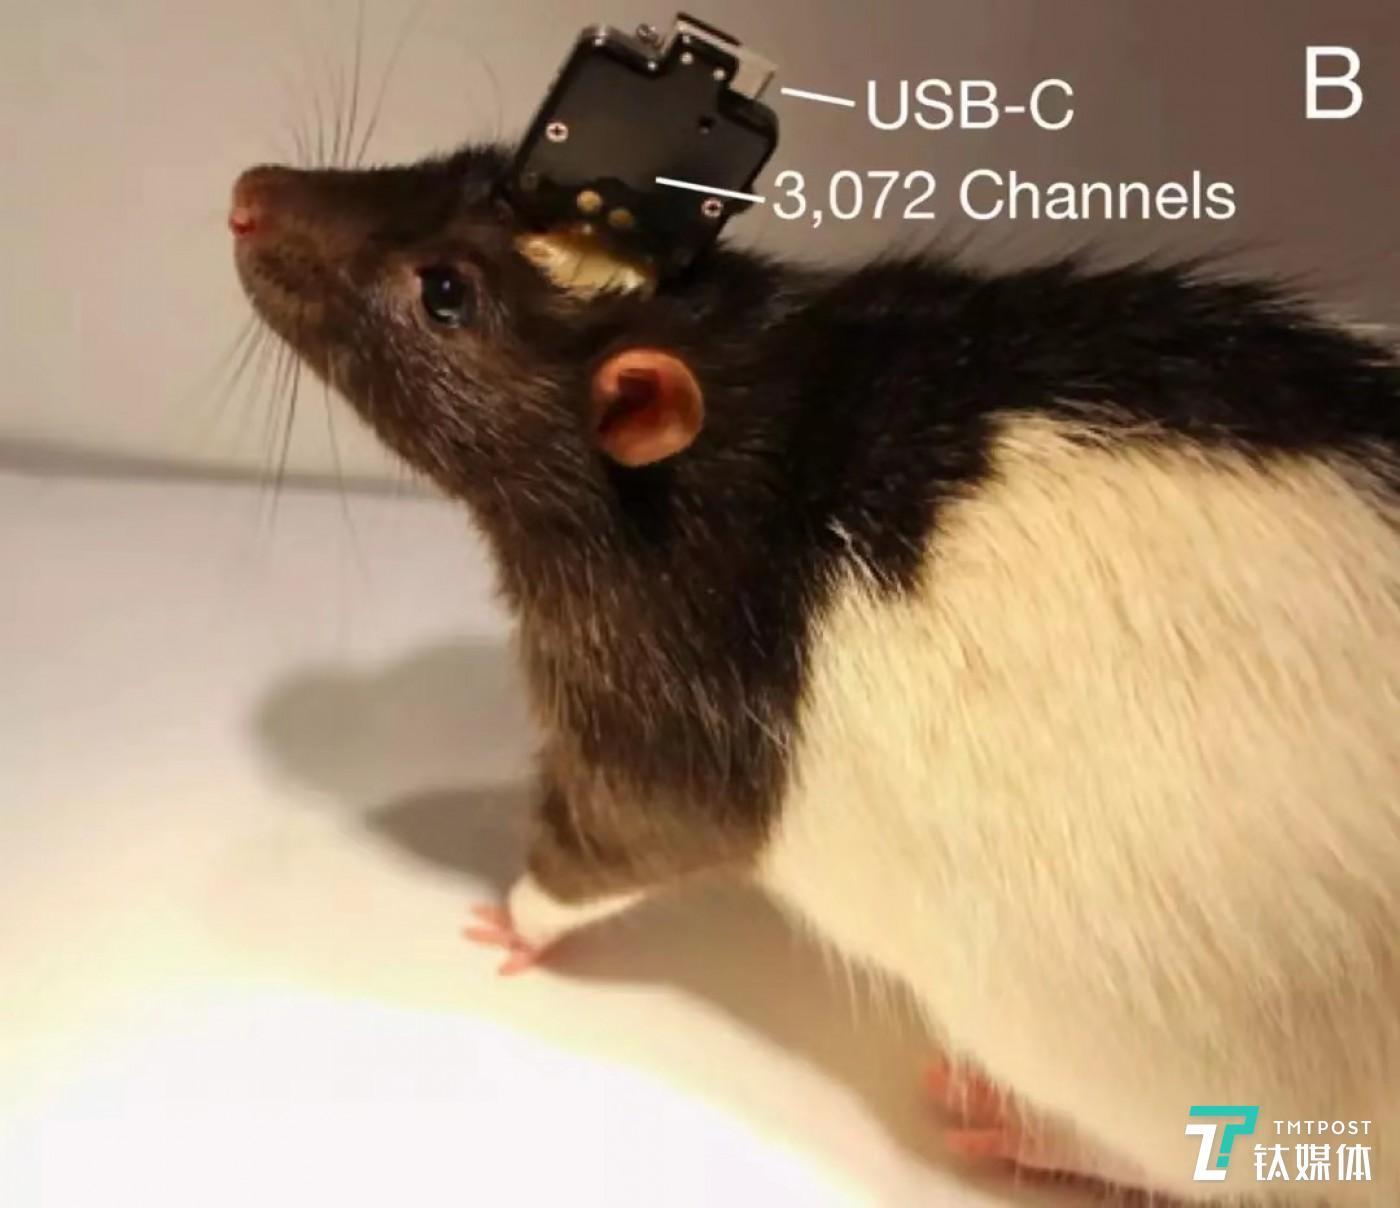 用于实验的老鼠